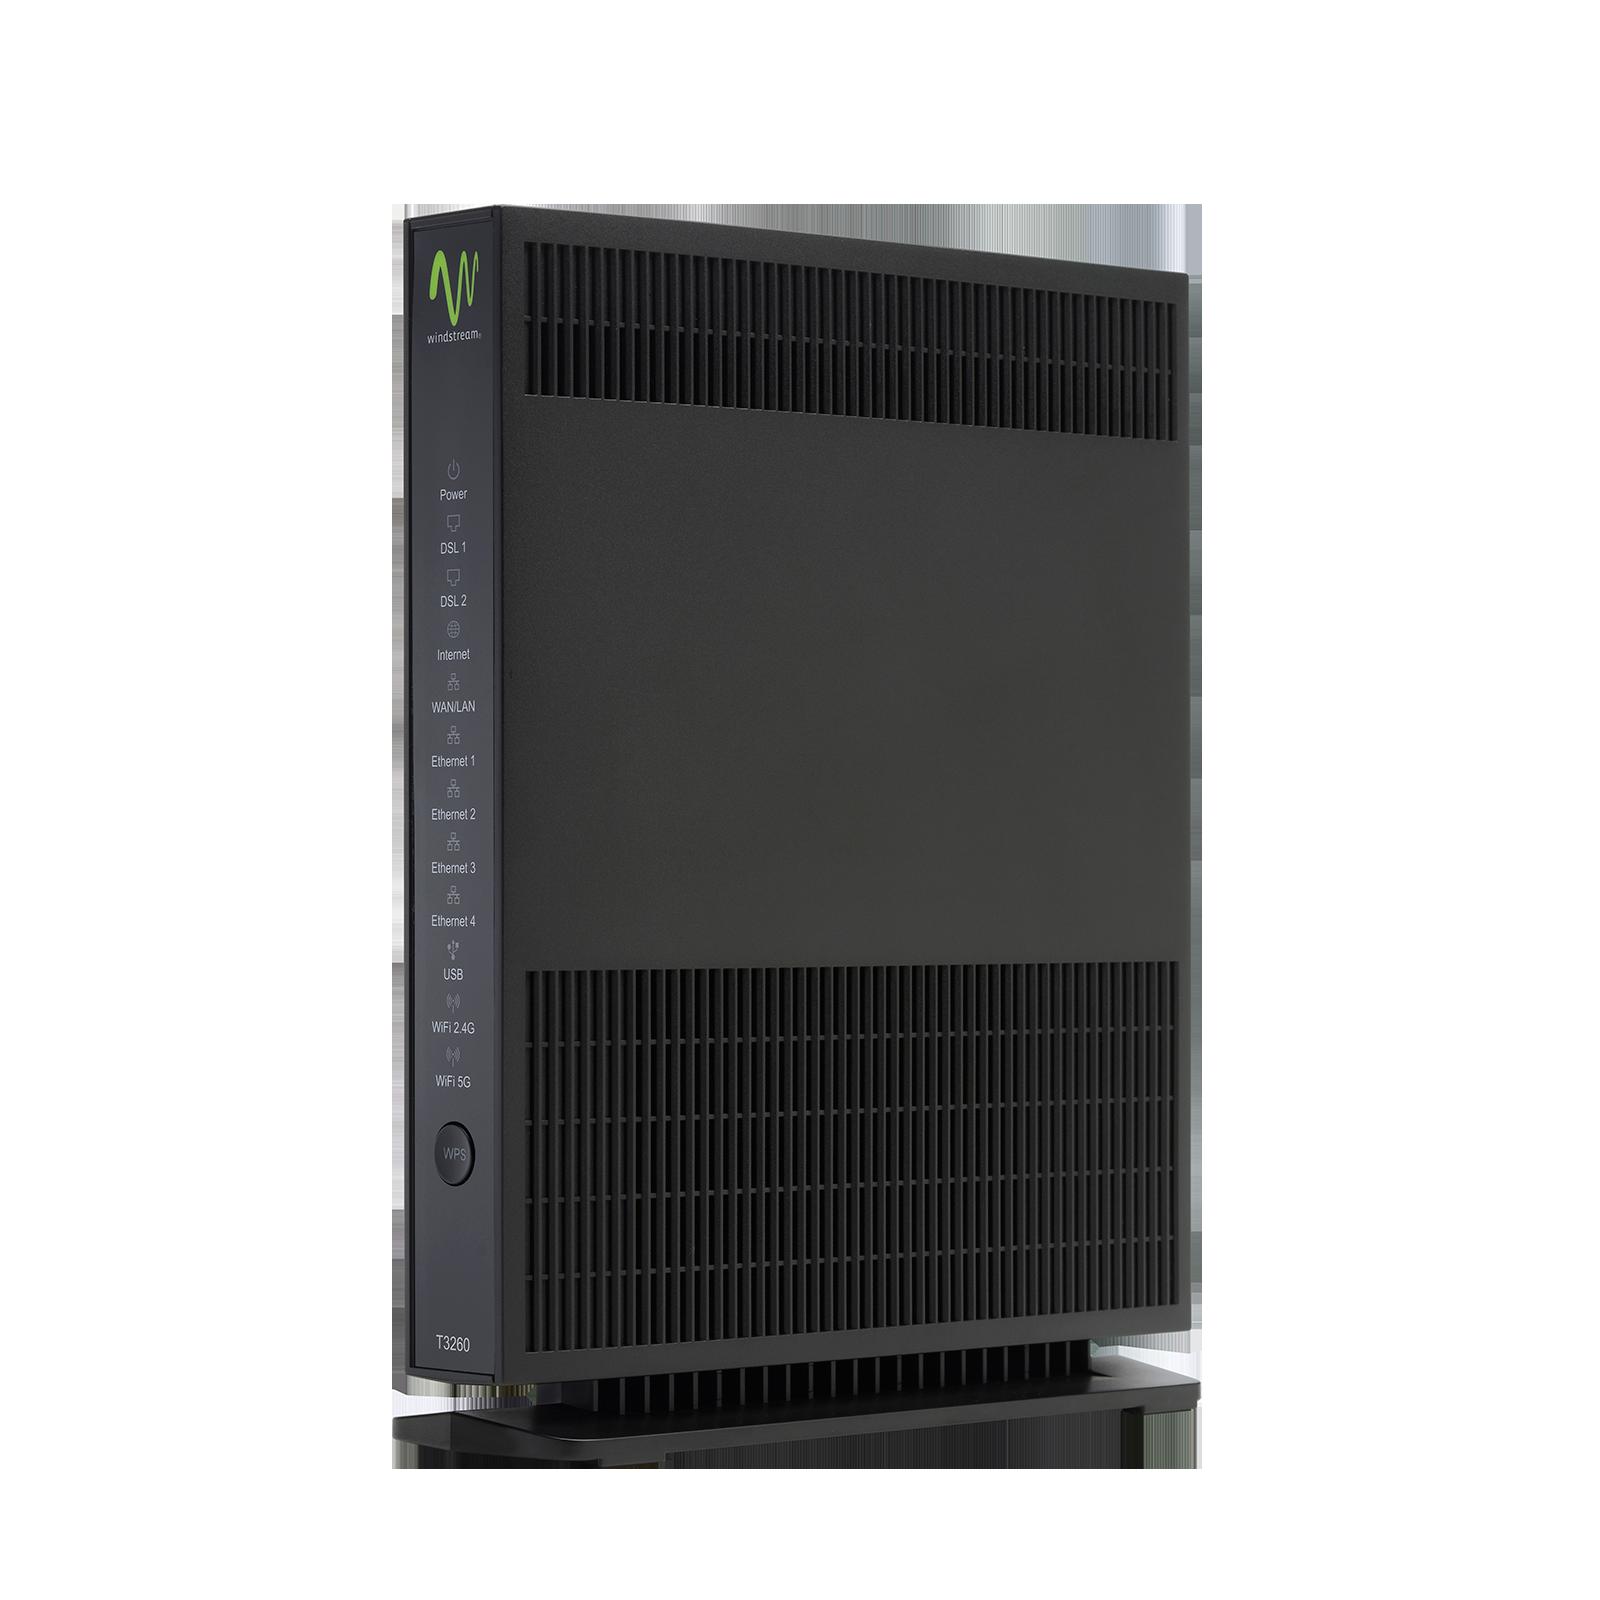 gigabit wireless router r3000